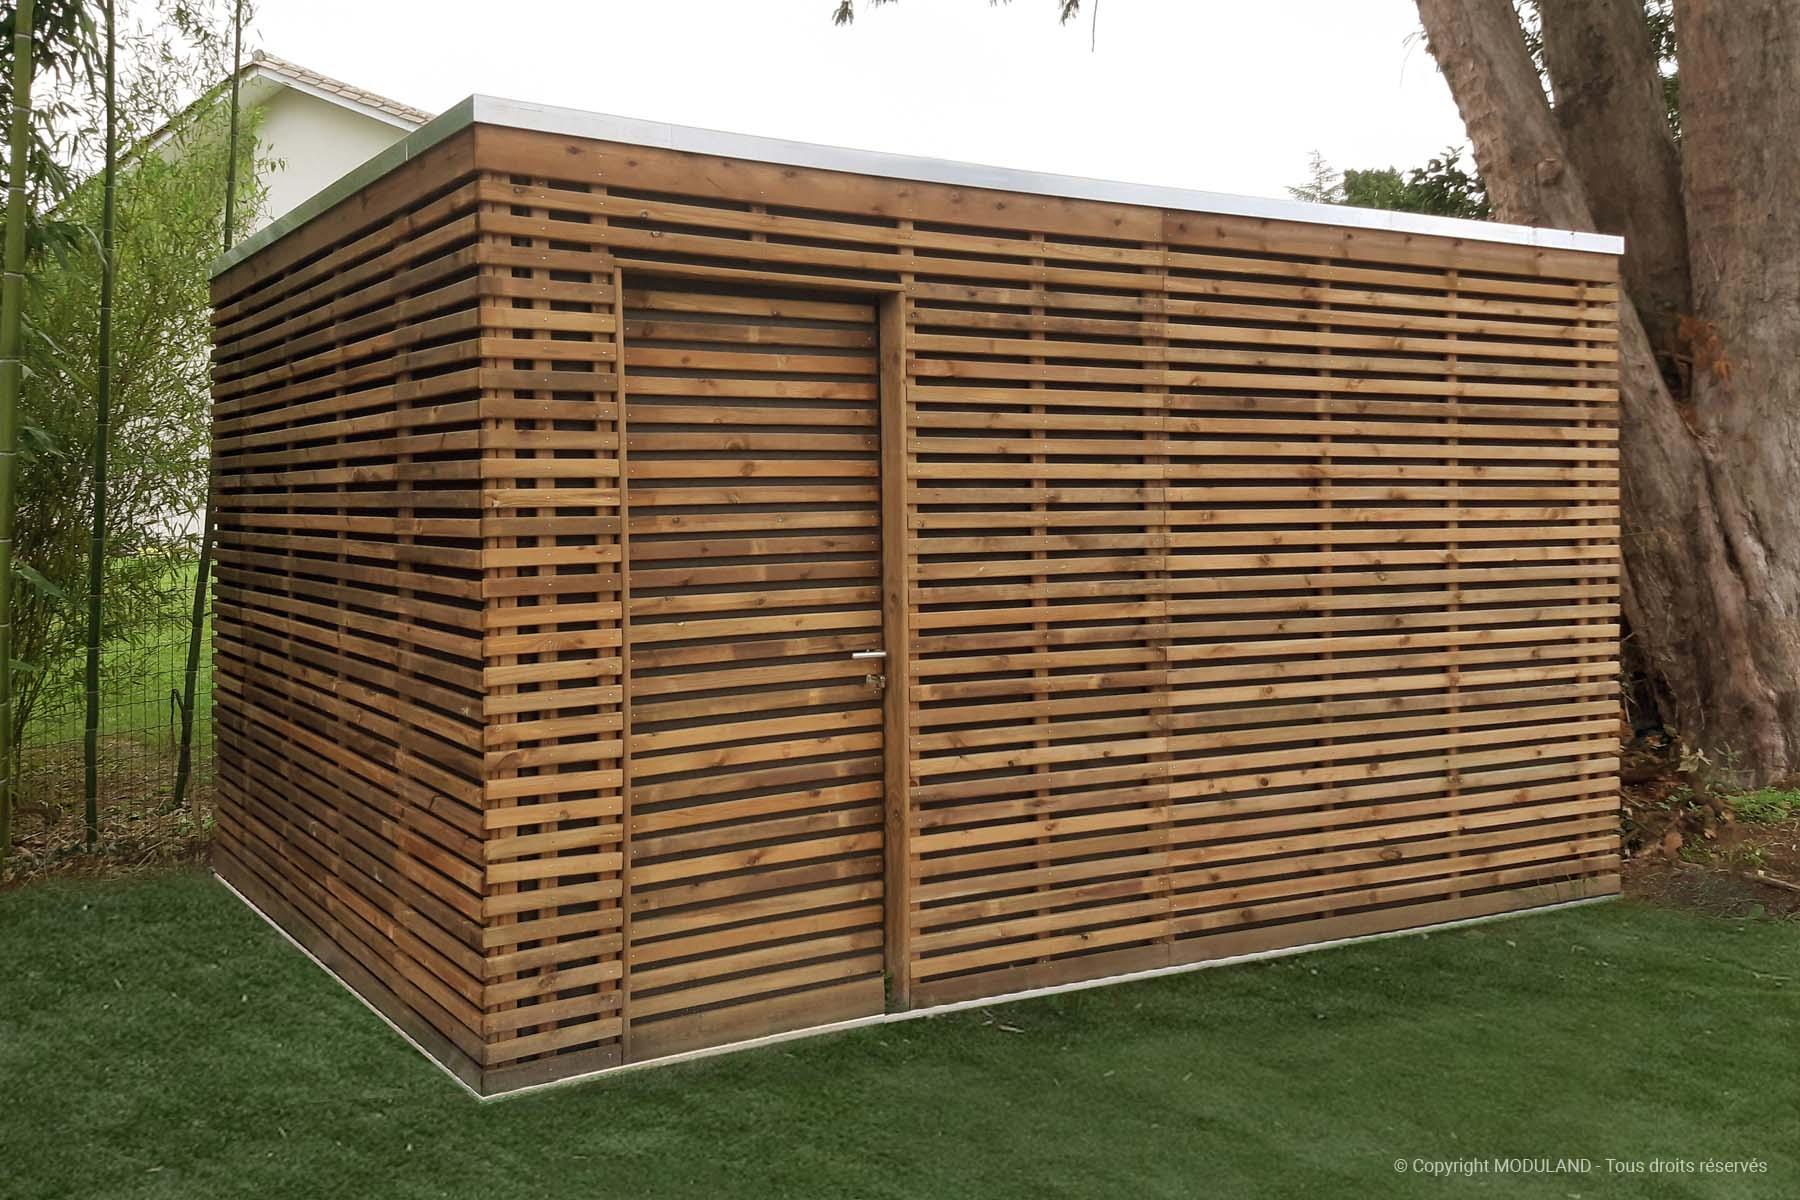 Fabricant D'abris Et Structures Bois Sur Mesure | Moduland tout Abri De Jardin Fabricant